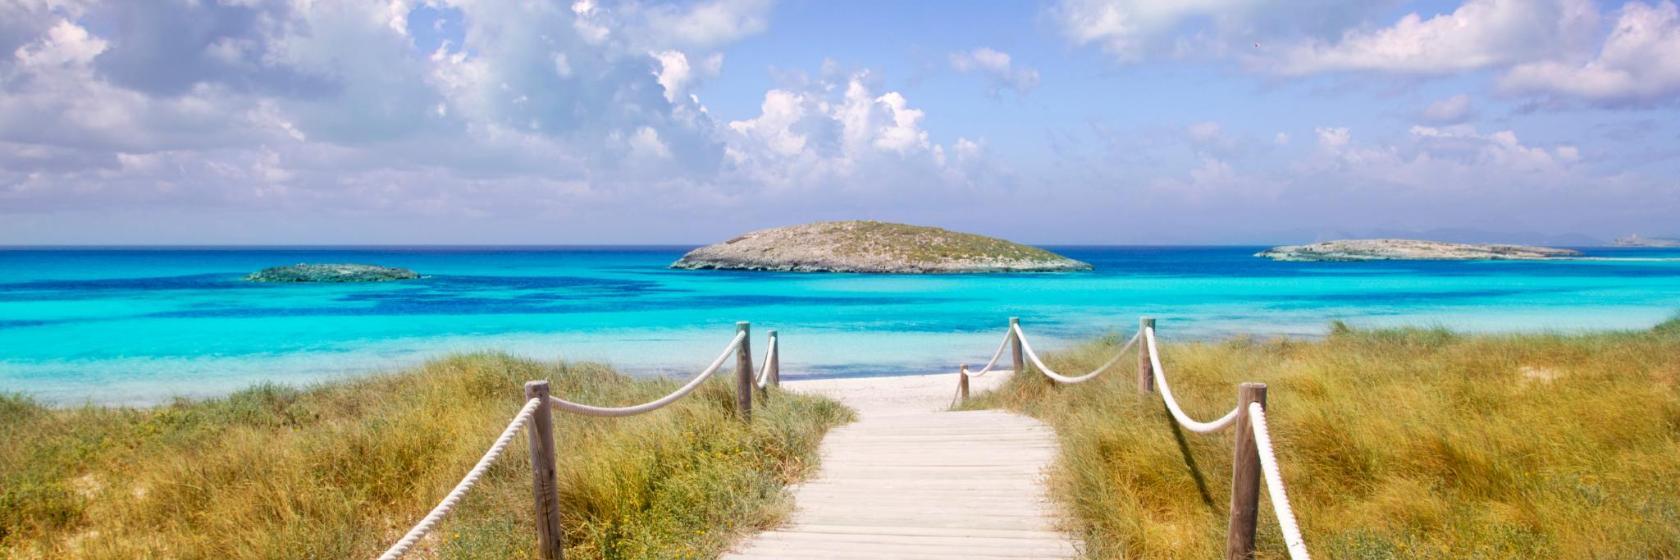 Formentera: i 10 migliori hotel. Formentera, (Spagna ...